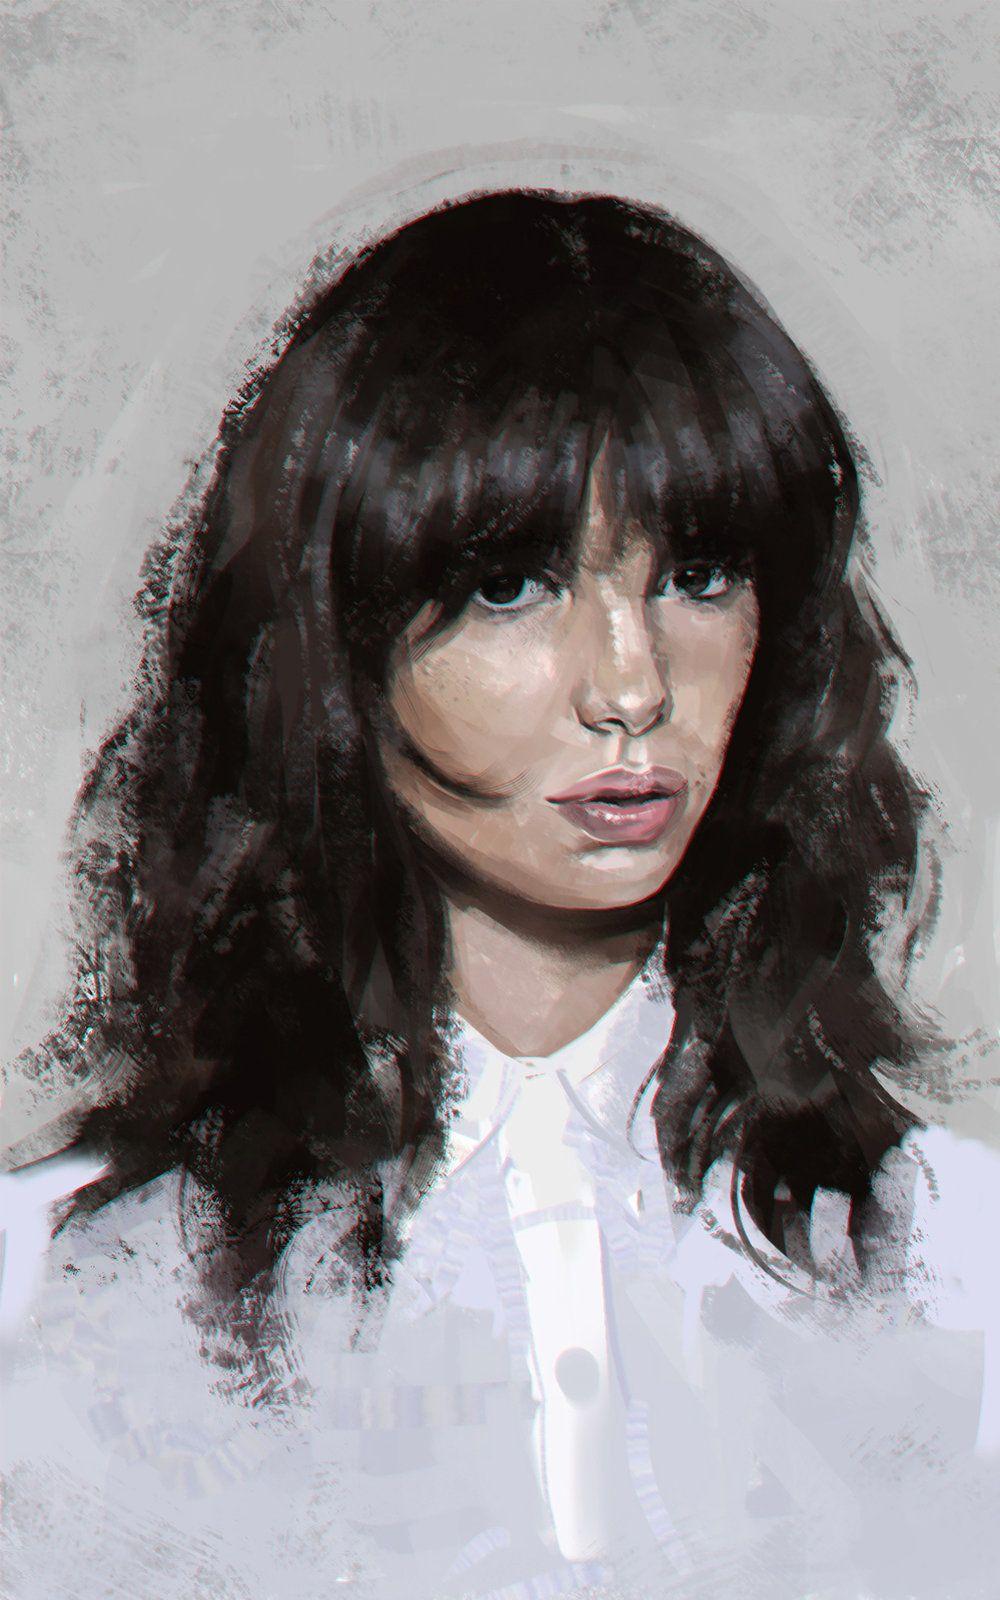 New_model, Eugene Vinokurov on ArtStation at http://www.artstation.com/artwork/new_model